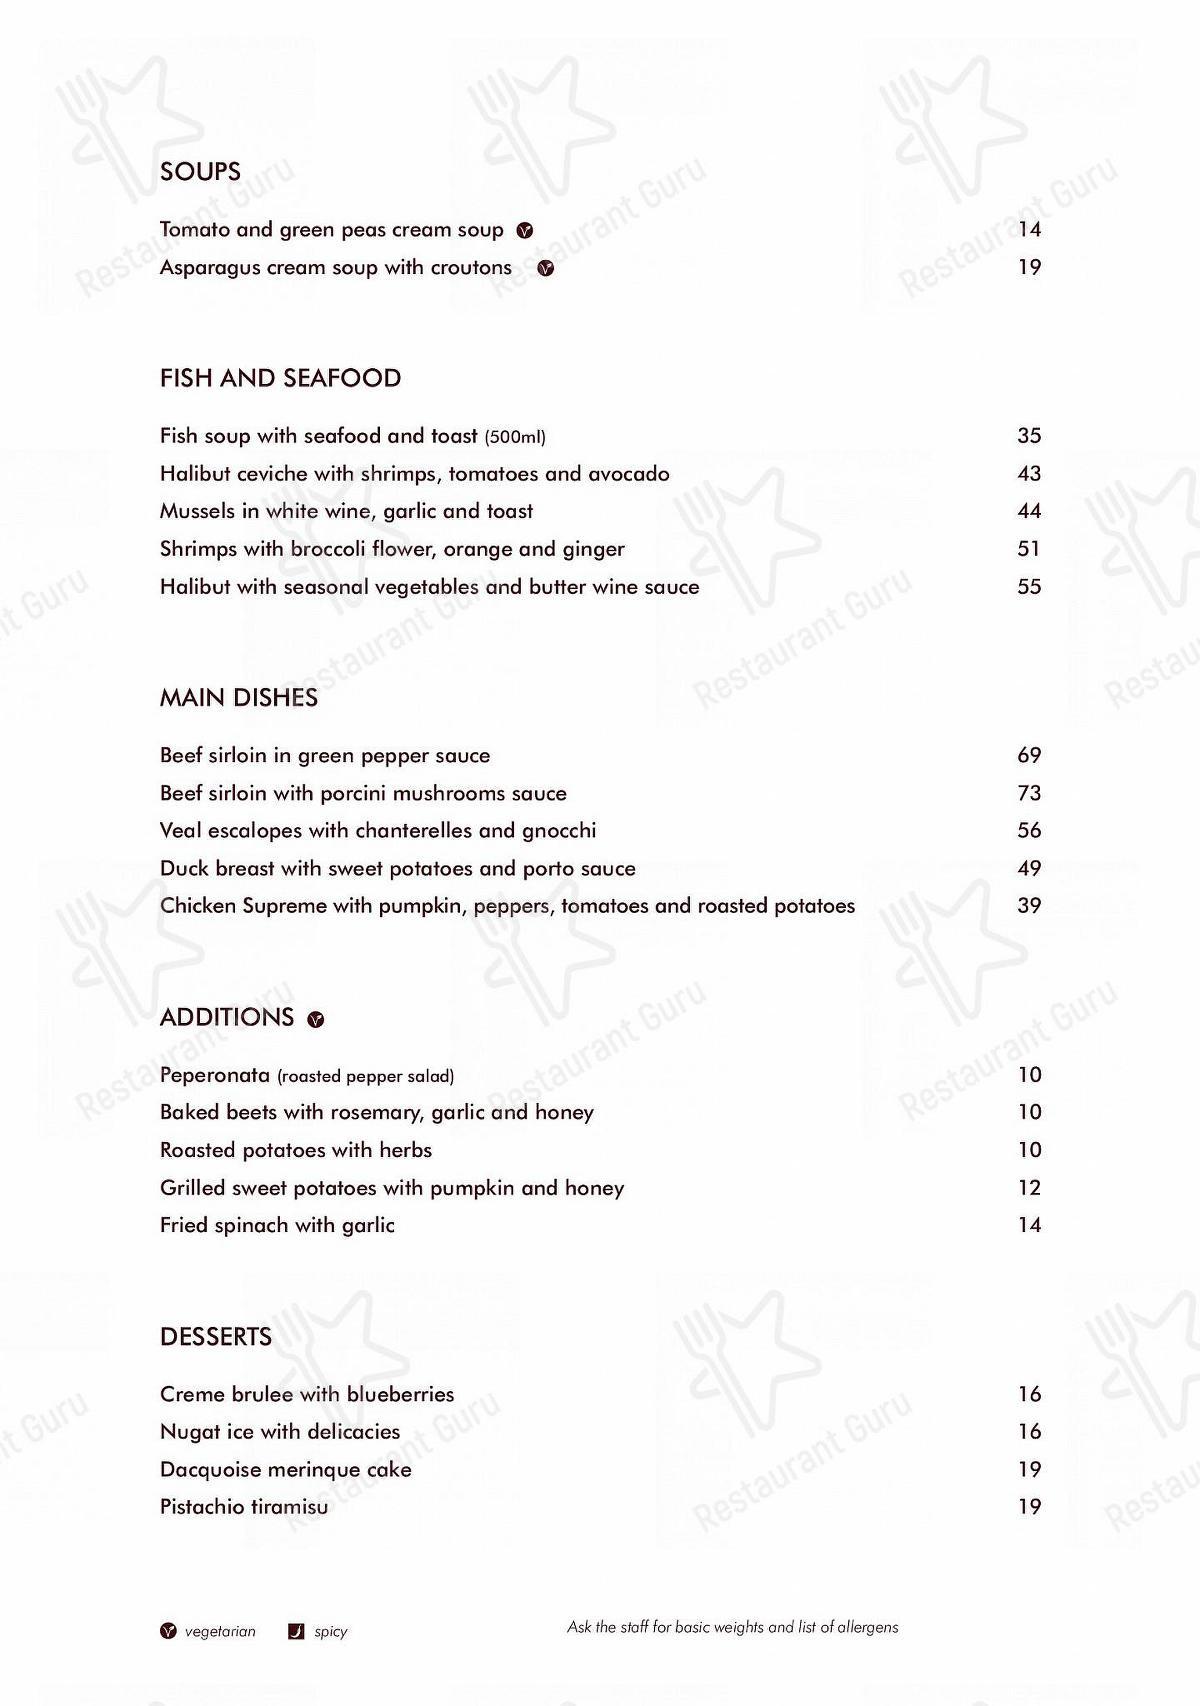 Carta de Trattoria Soprano restaurante